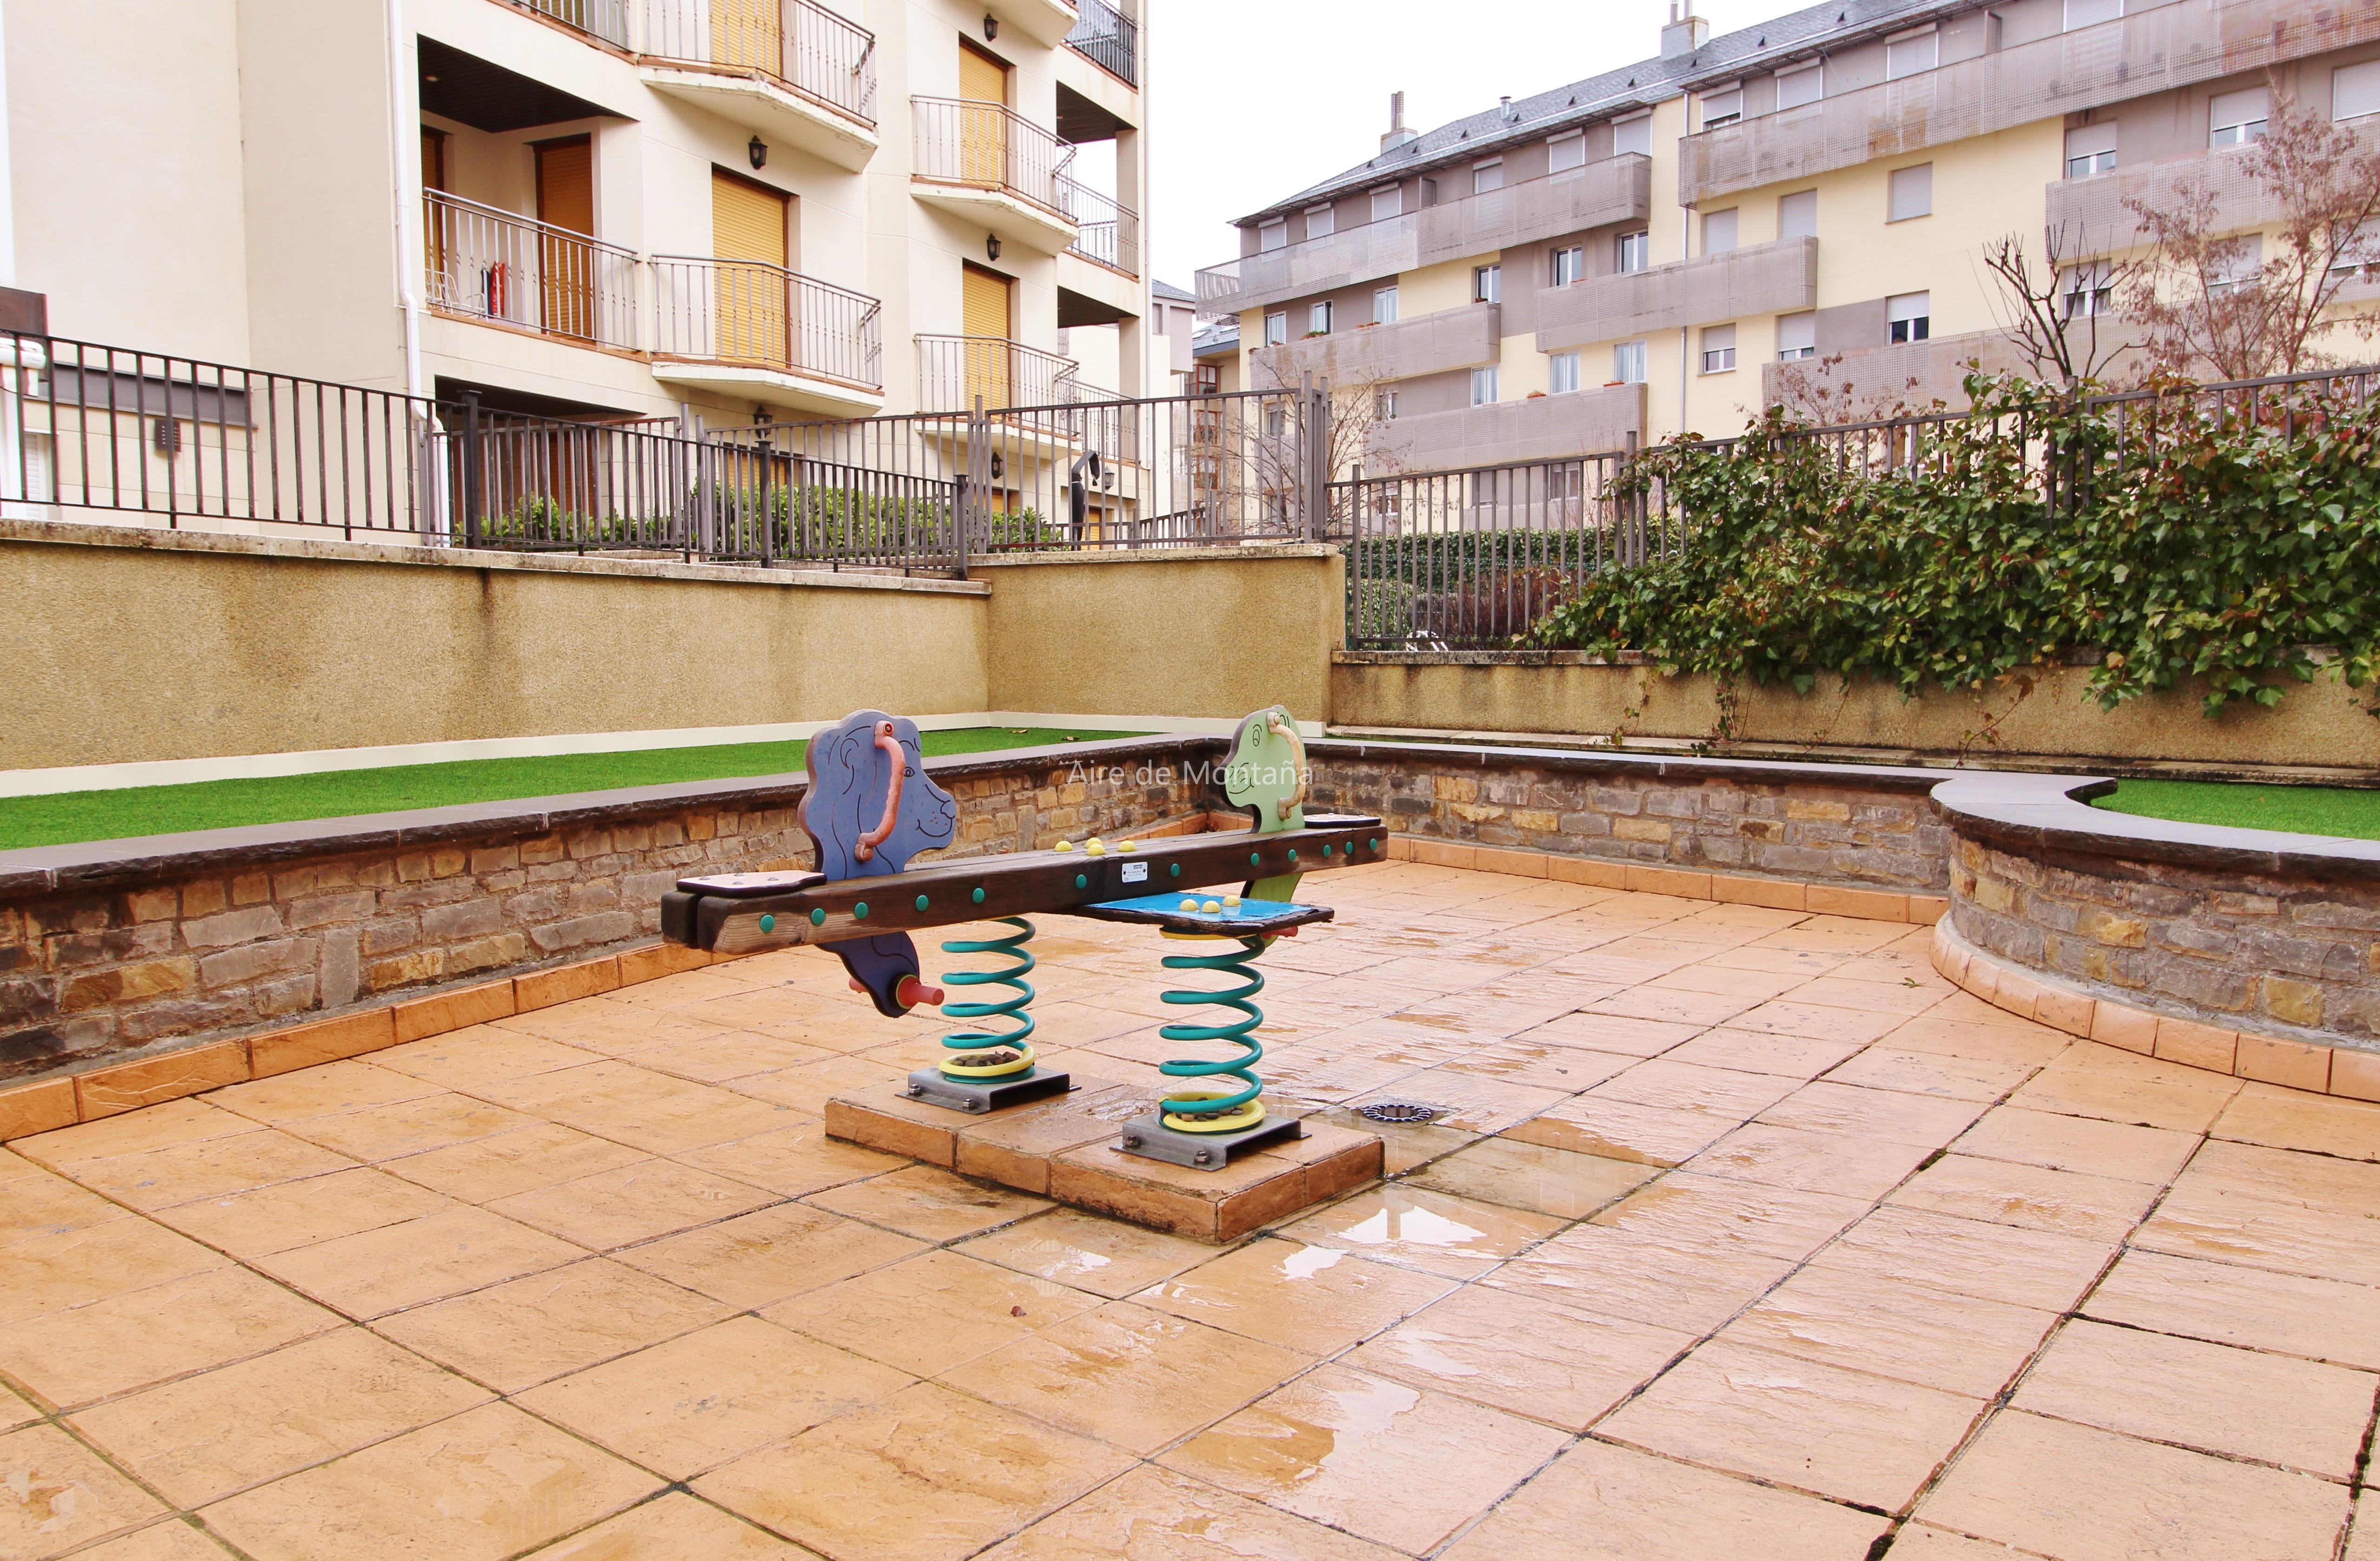 Piso en urbanizaci n con piscina aire de monta a - Pisos con piscina en madrid ...